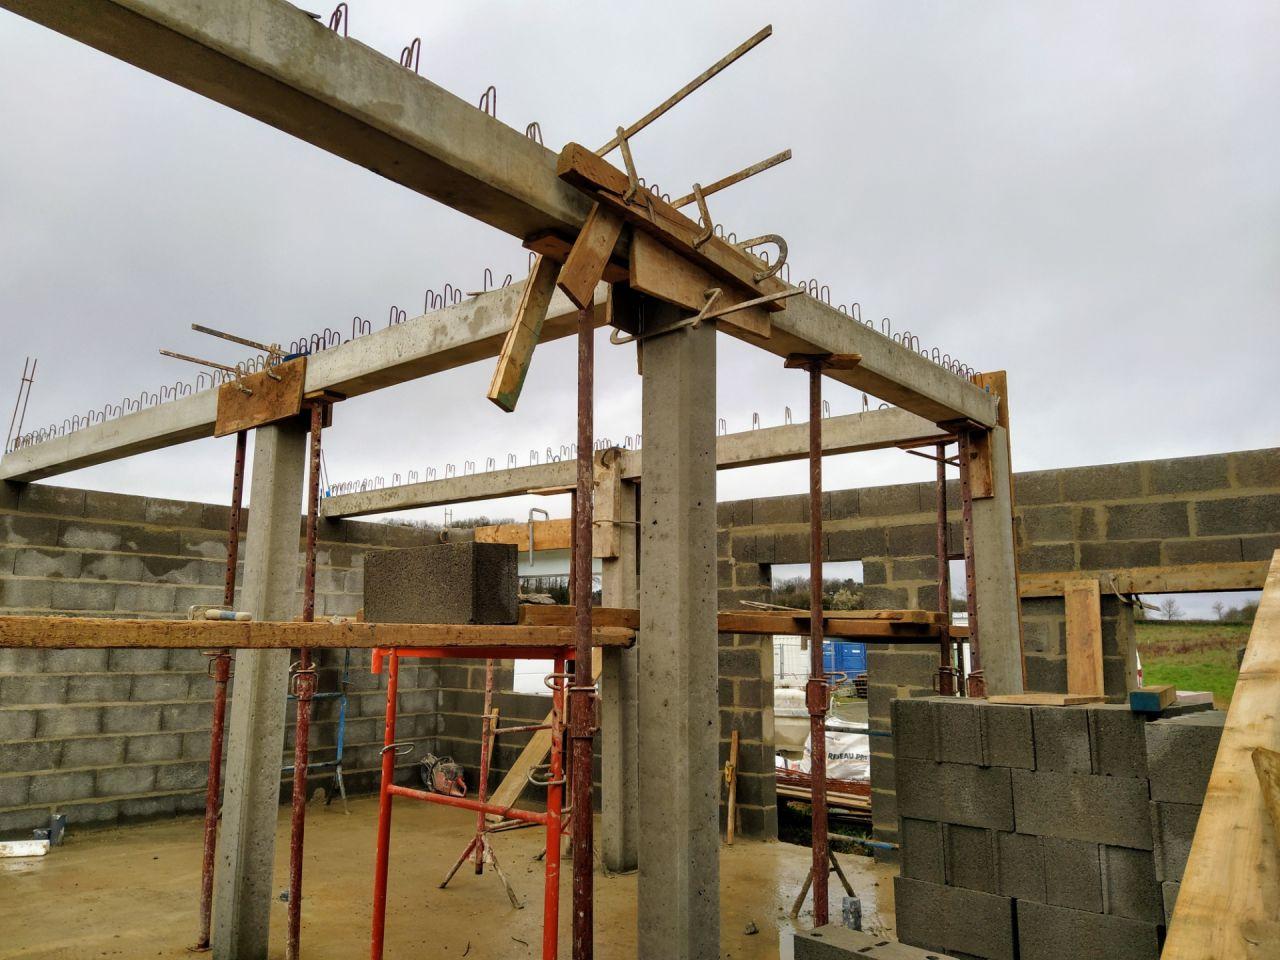 Les poutres horizontales sont mises en place pour supporter l'étage.